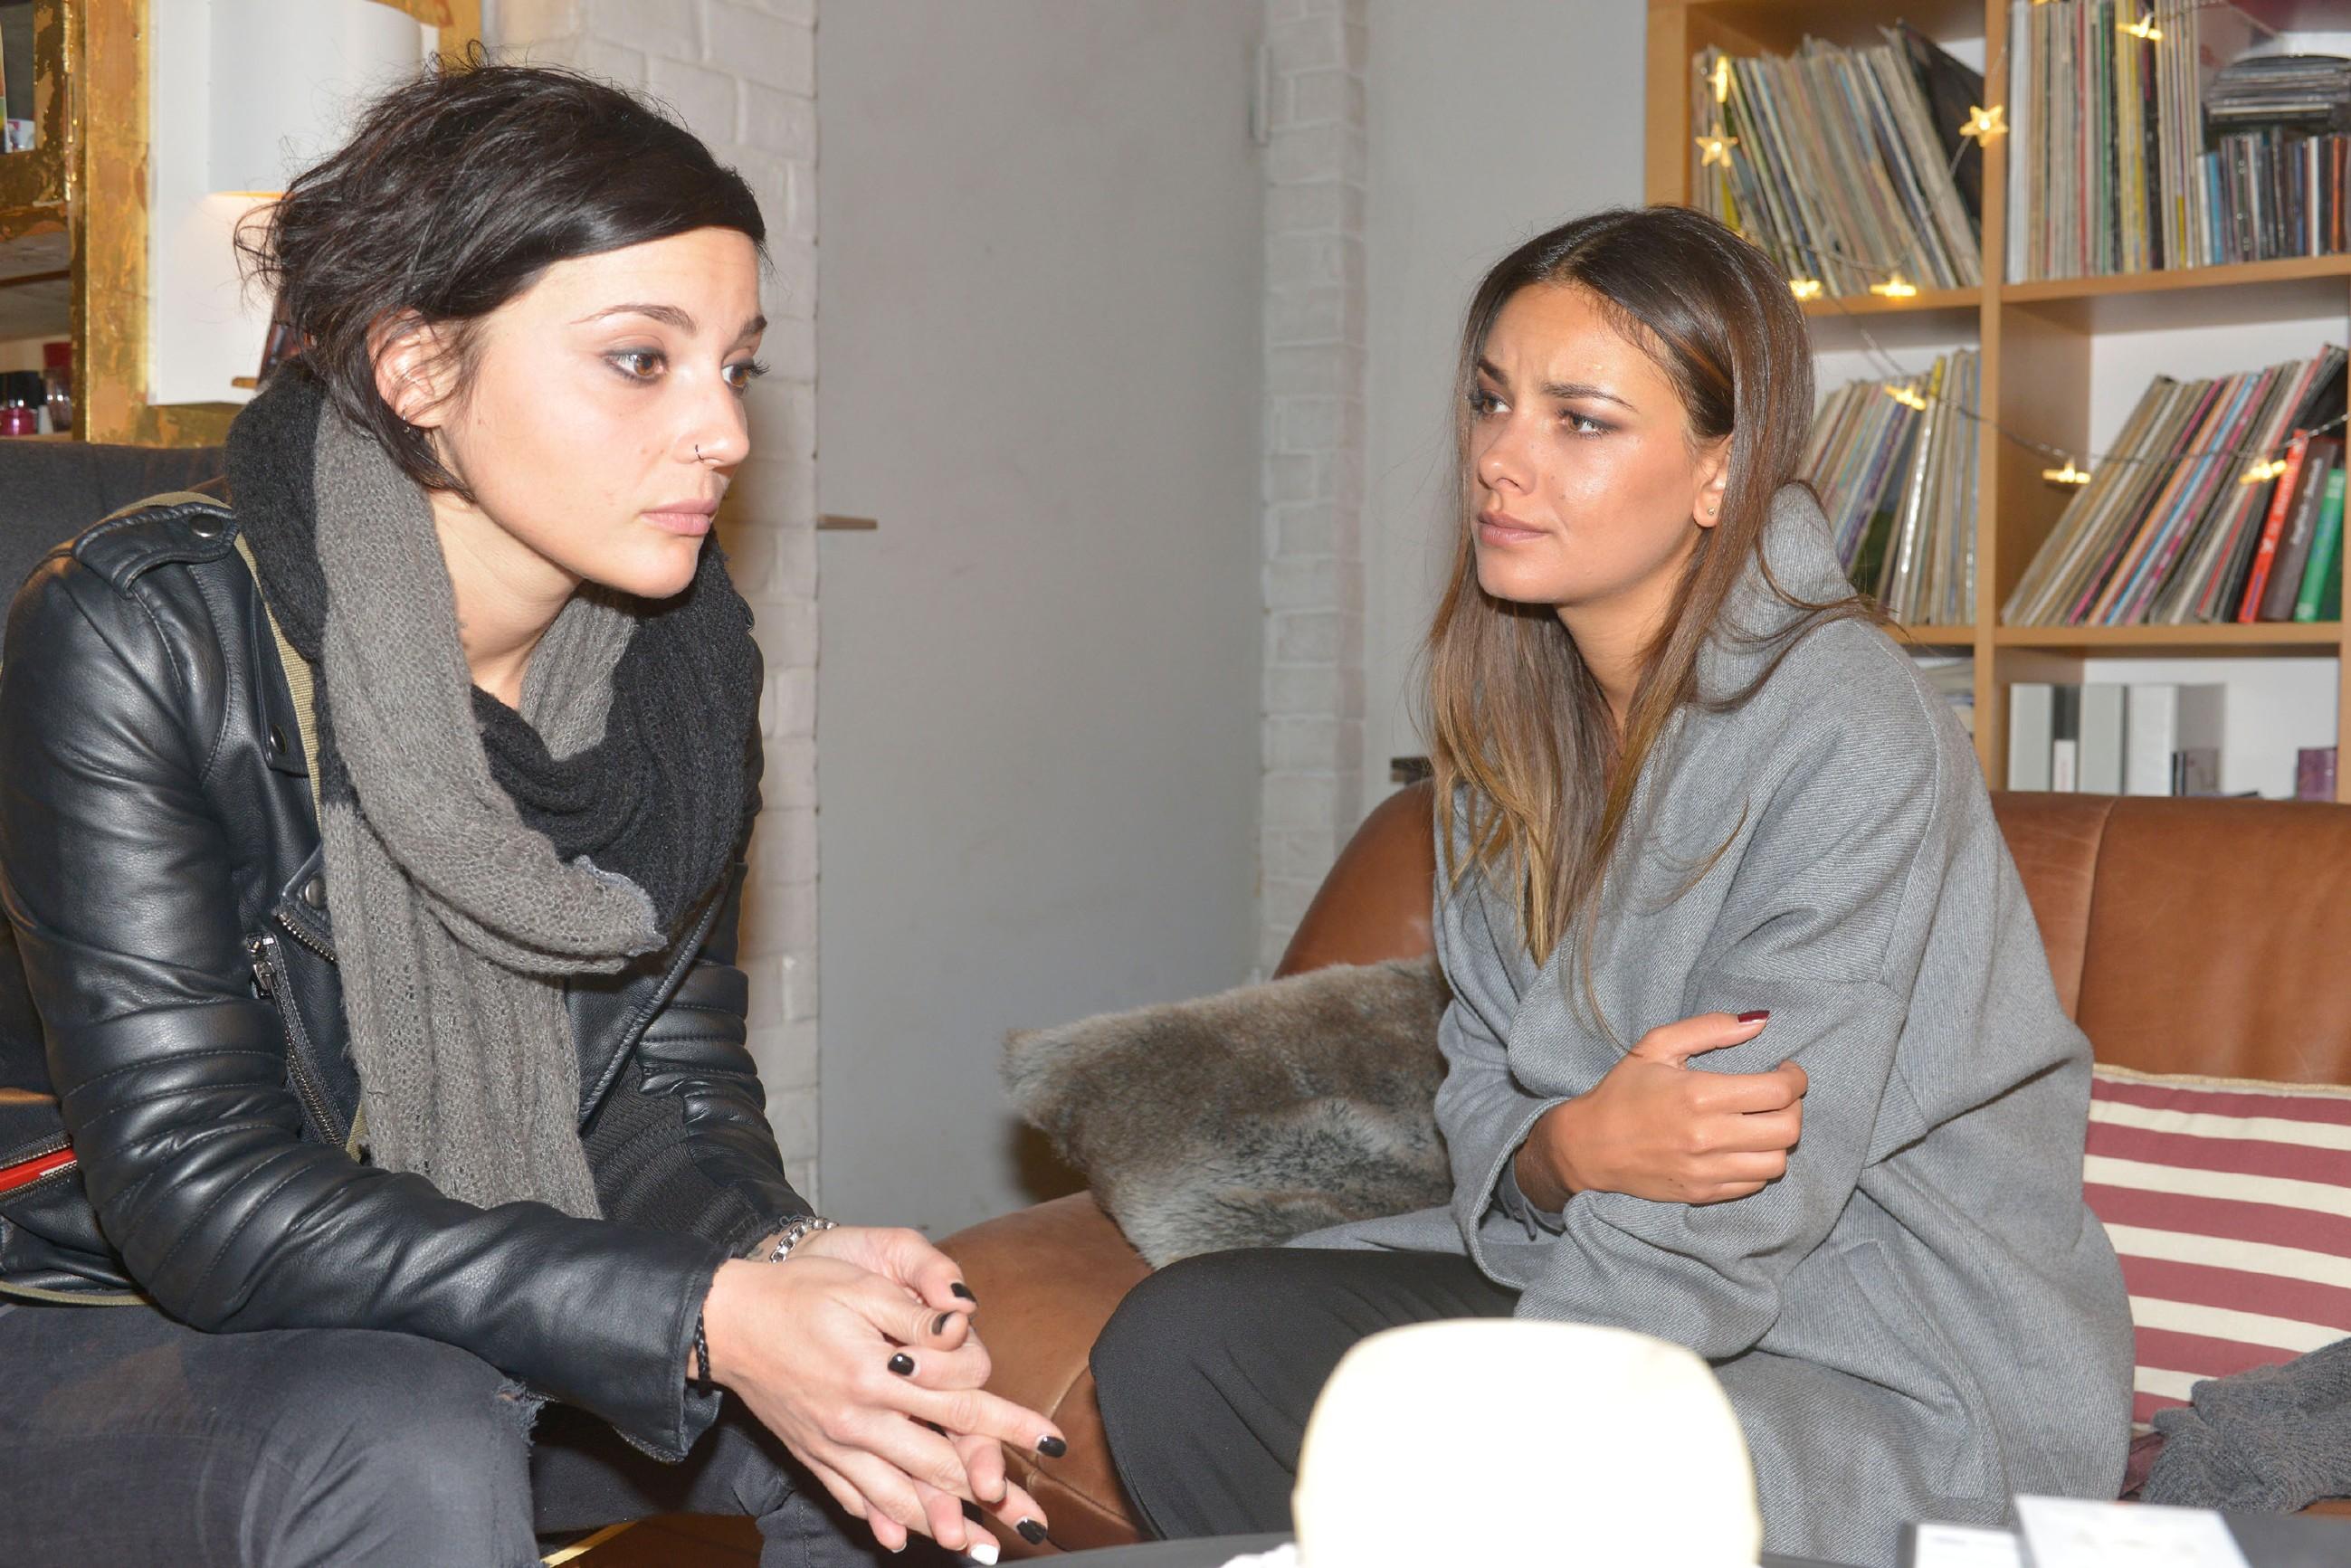 Jasmin (Janina Uhse, r.) hat sich von allen abgeschottet und lässt nur Annis (Linda Marlen Runge) Nähe zu. (RTL / Rolf Baumgartner)